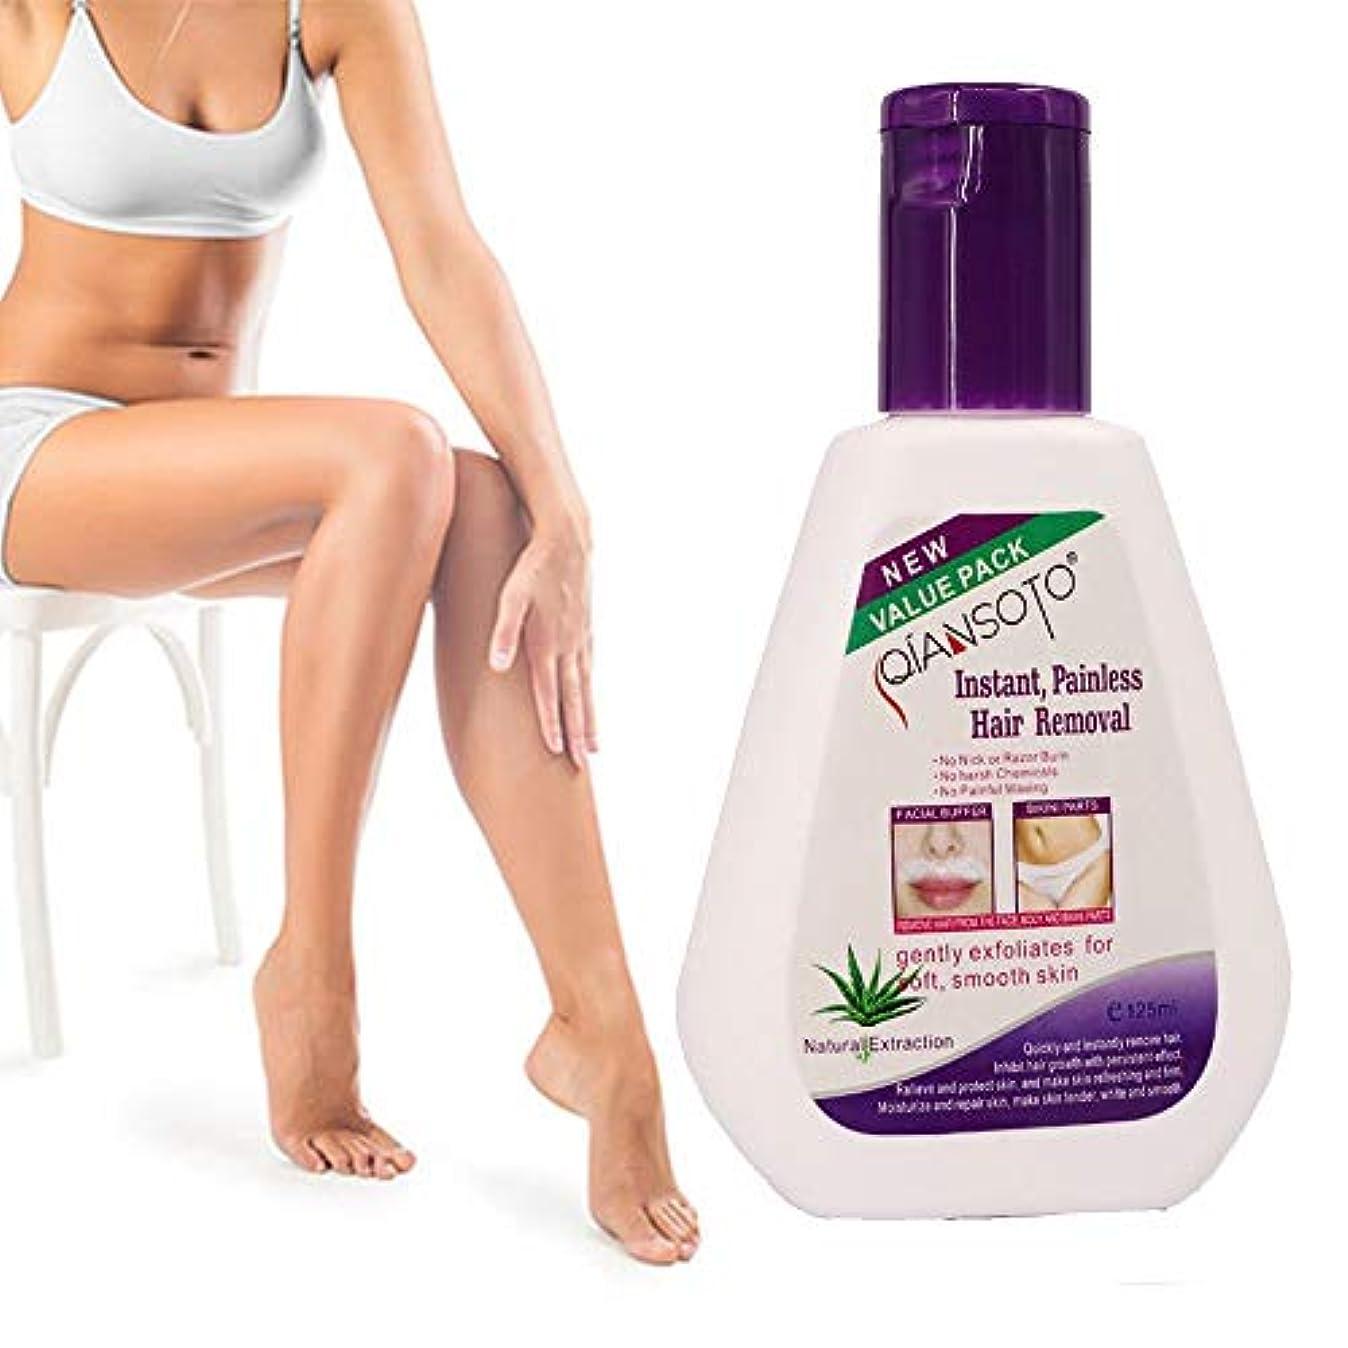 サンダル医薬大胆な脱毛 温和無痛 敏感肌適当な、AFYパーマネントヘアリムーバルクリームストップ育毛防止剤除去パワーフー、安全で便利、細かい髪を取り除き、メイクをより親しみやすくする